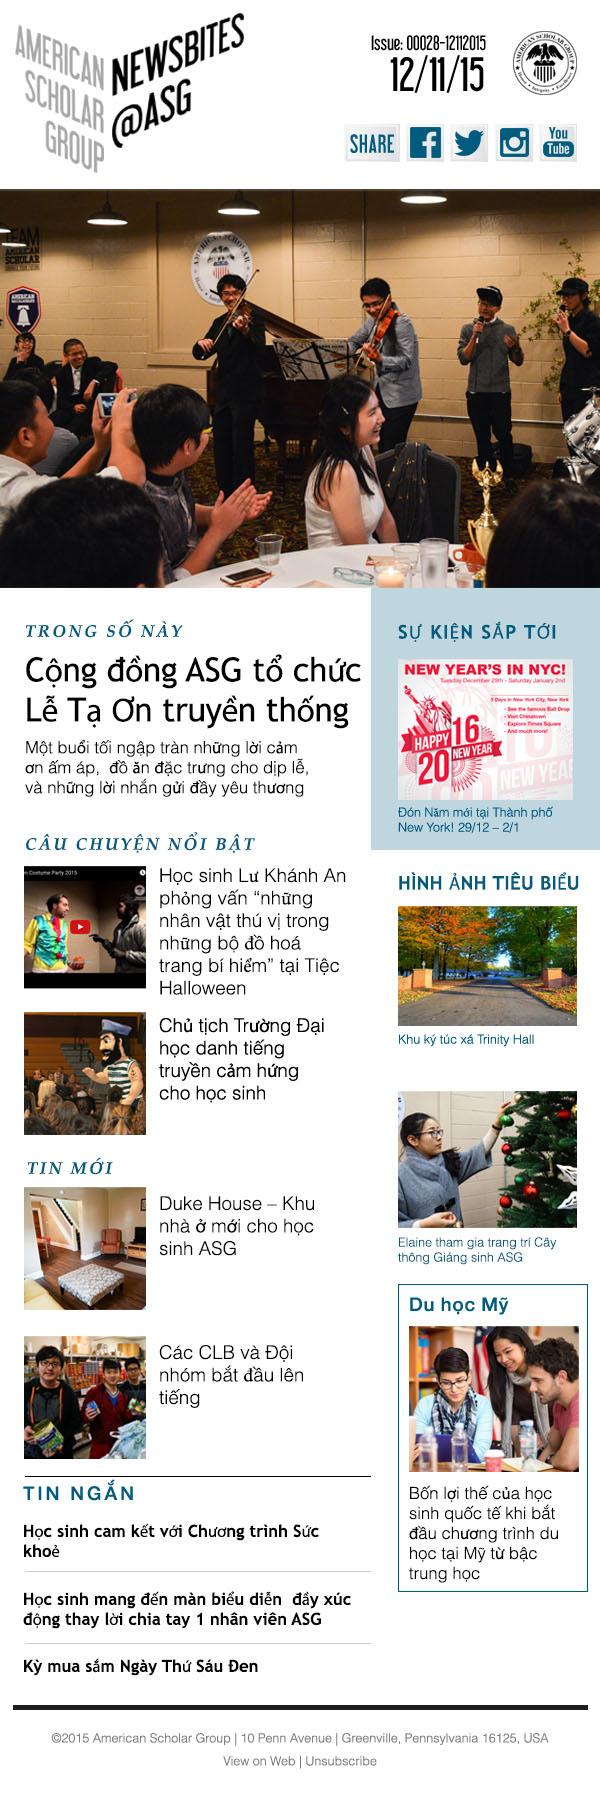 Newsletter (Vietnamese)